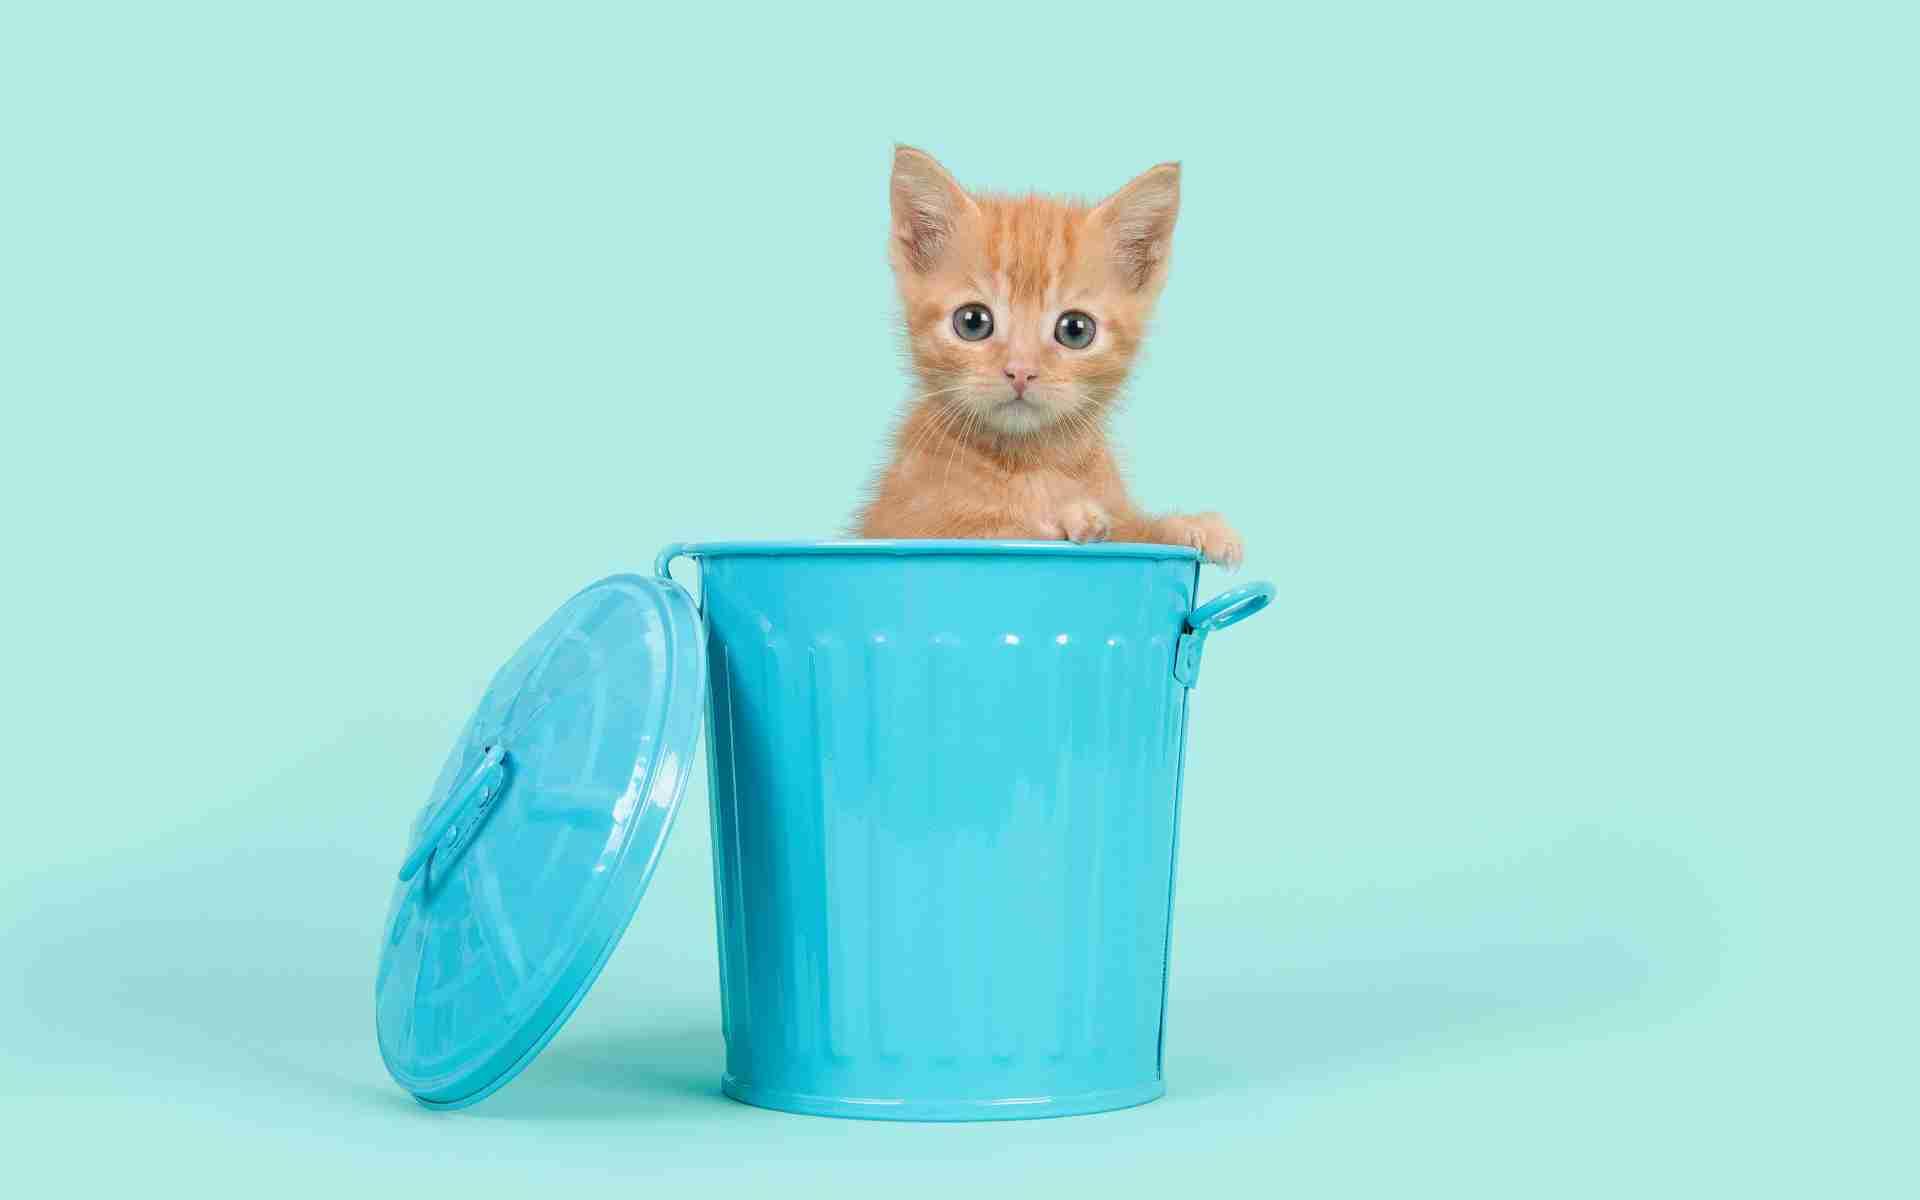 「猫の里親募集する団体にげんなり」里親希望者の深いため息 猫を自分の承認欲求満たすために利用「まともな団体あるなら教えて」